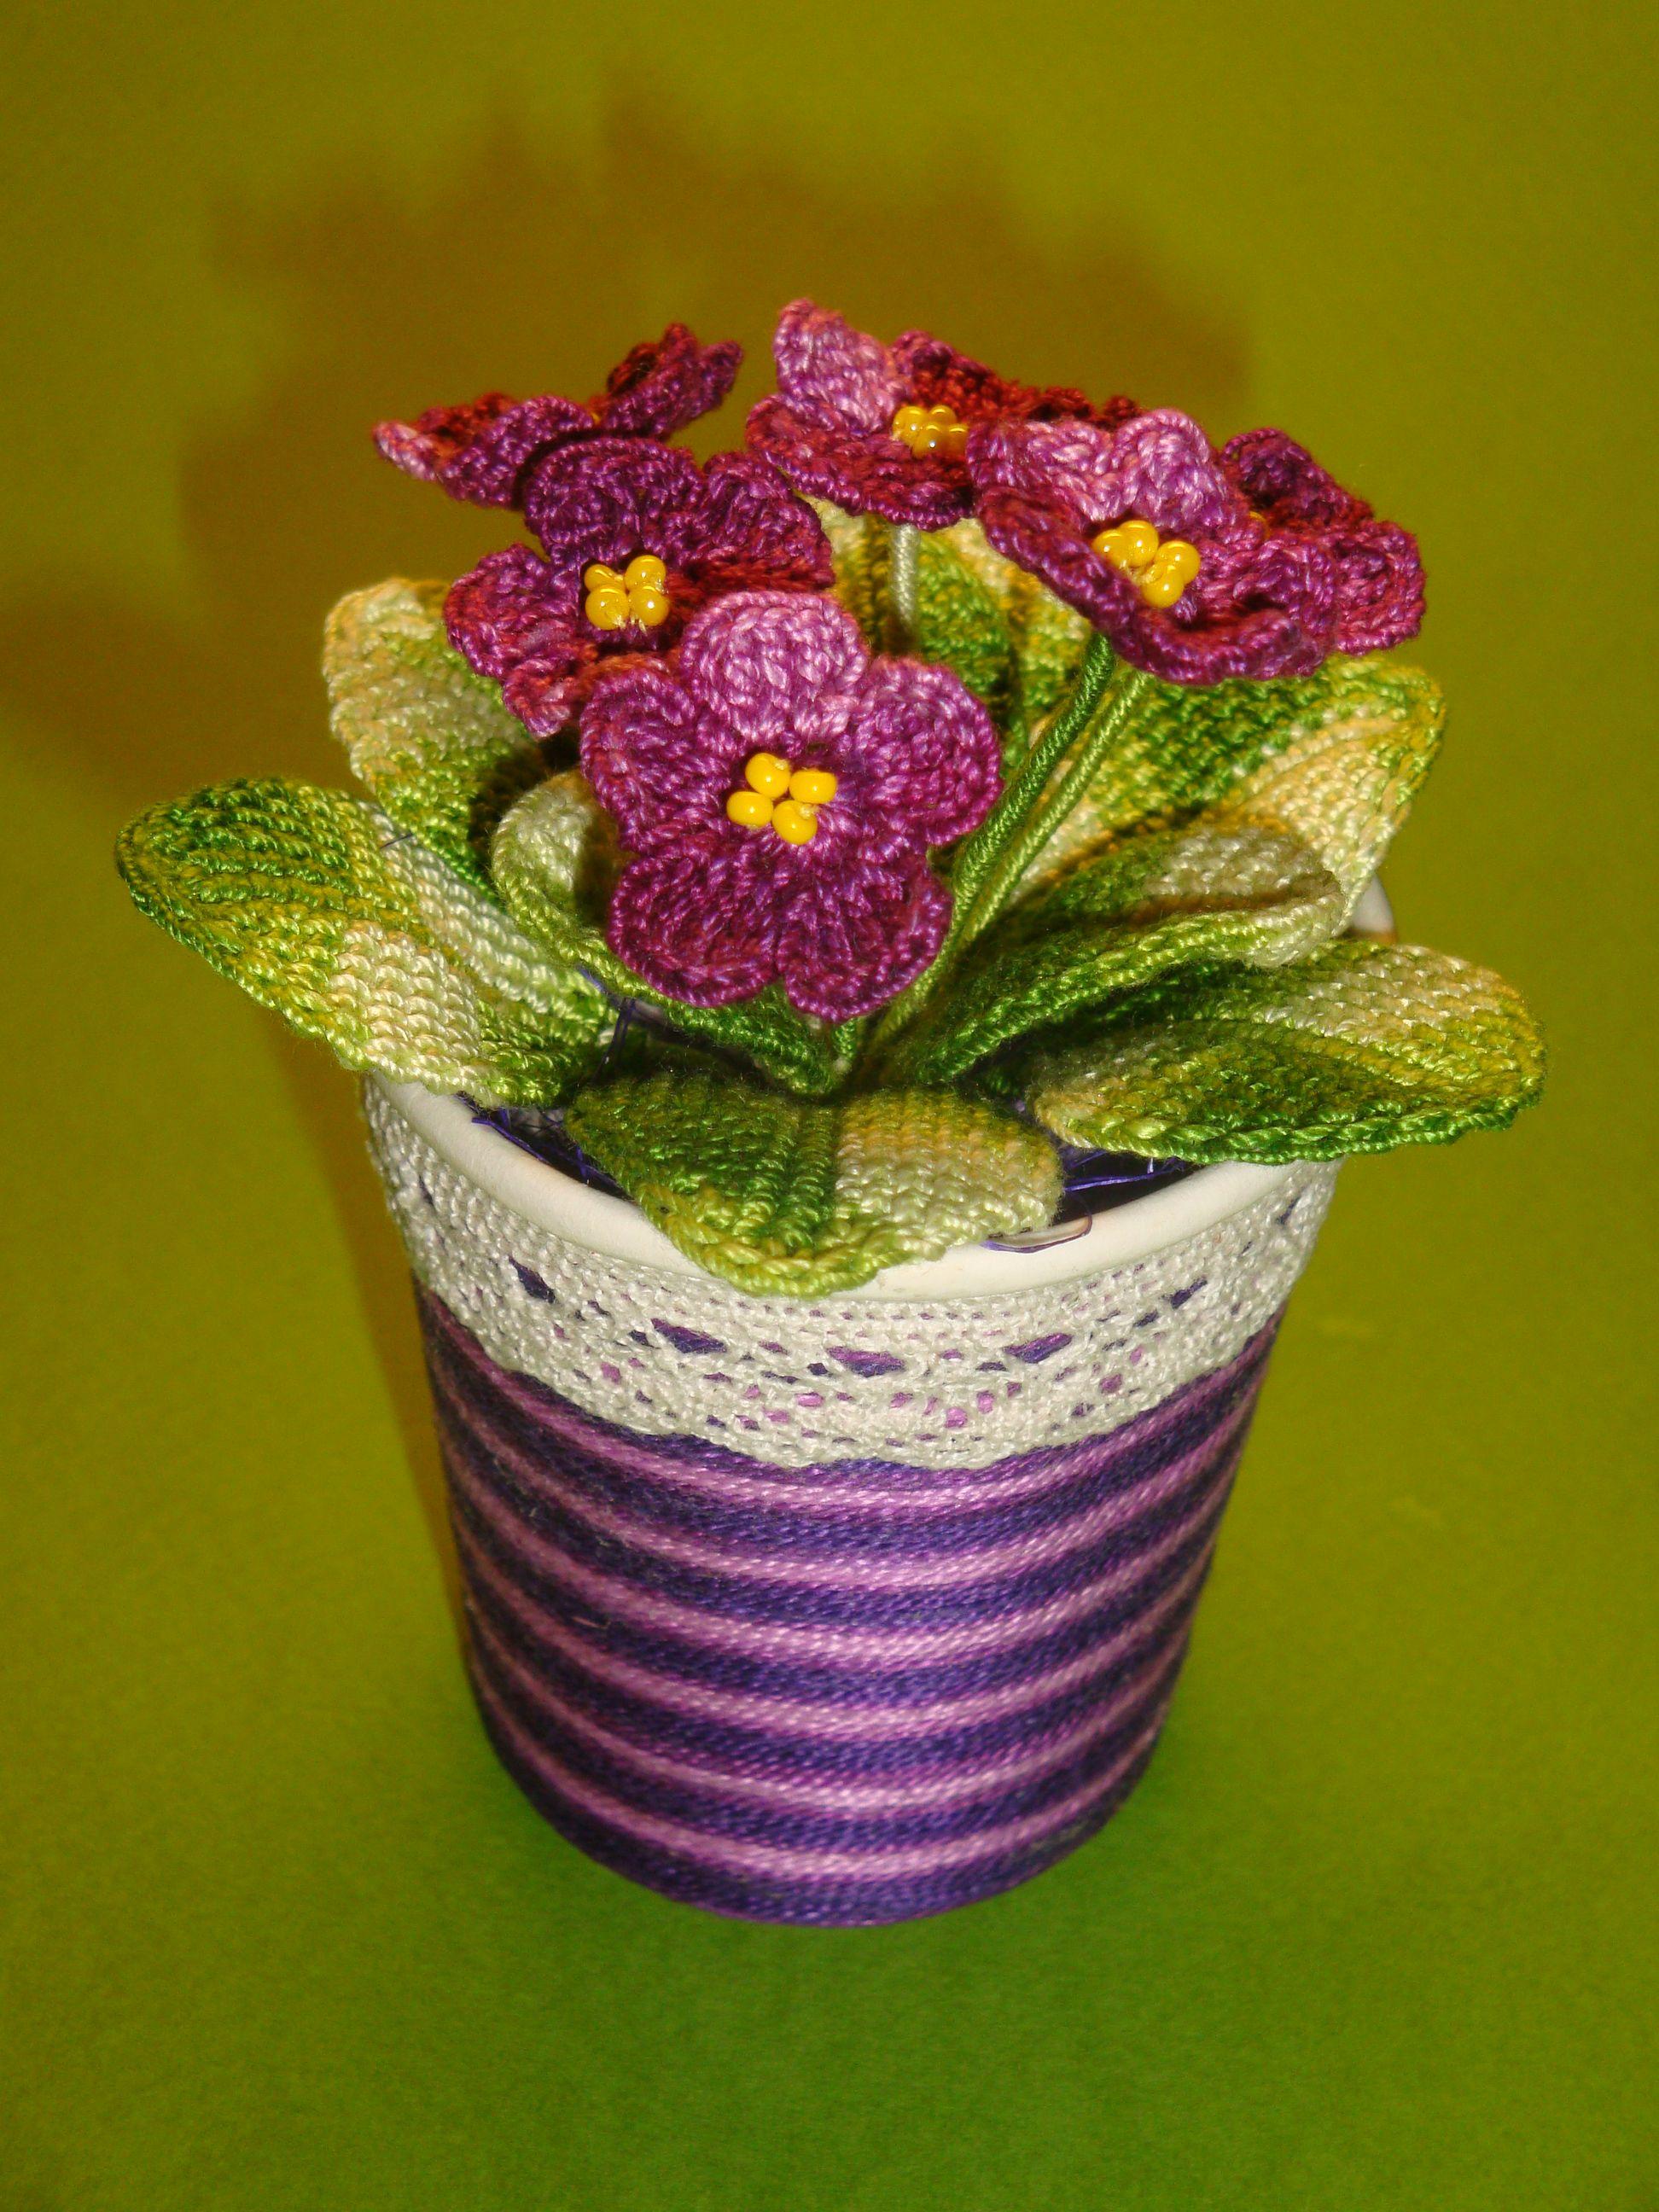 Фіалка у горщику. Квіти та листя в язані. Горщик оздоблений нитками та  мереживом. Висота горщика з фіалками приблизно …  a13284b502ecb